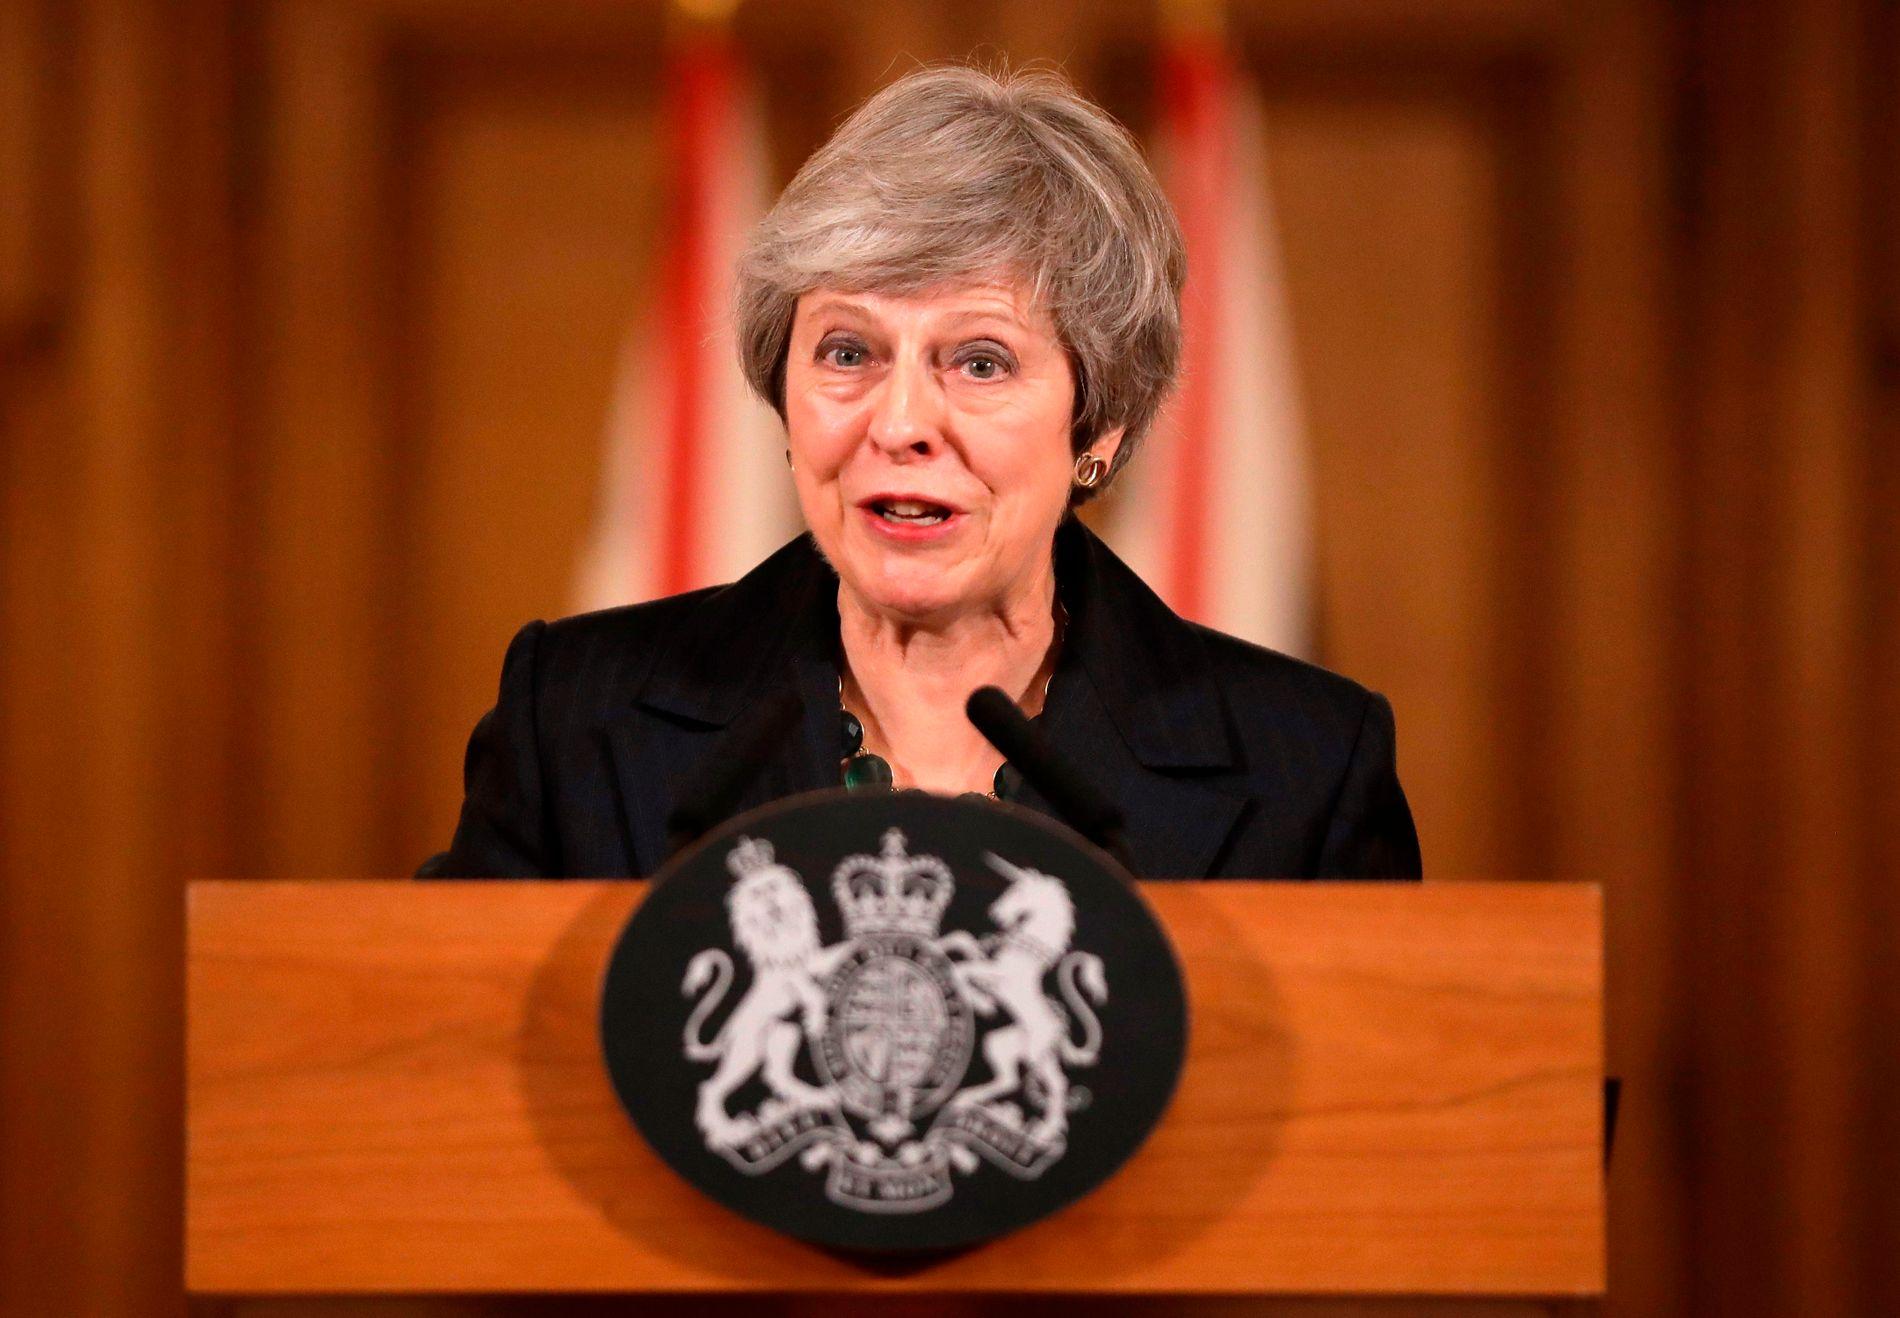 STÅR FAST VED BREXIT: Torsdag ettermiddag holdt statsminister Theresa May en pressekonferanse om den kaotiske situasjonen som har oppstått etter at utkastet til brexitavtalen ble offentliggjort onsdag.